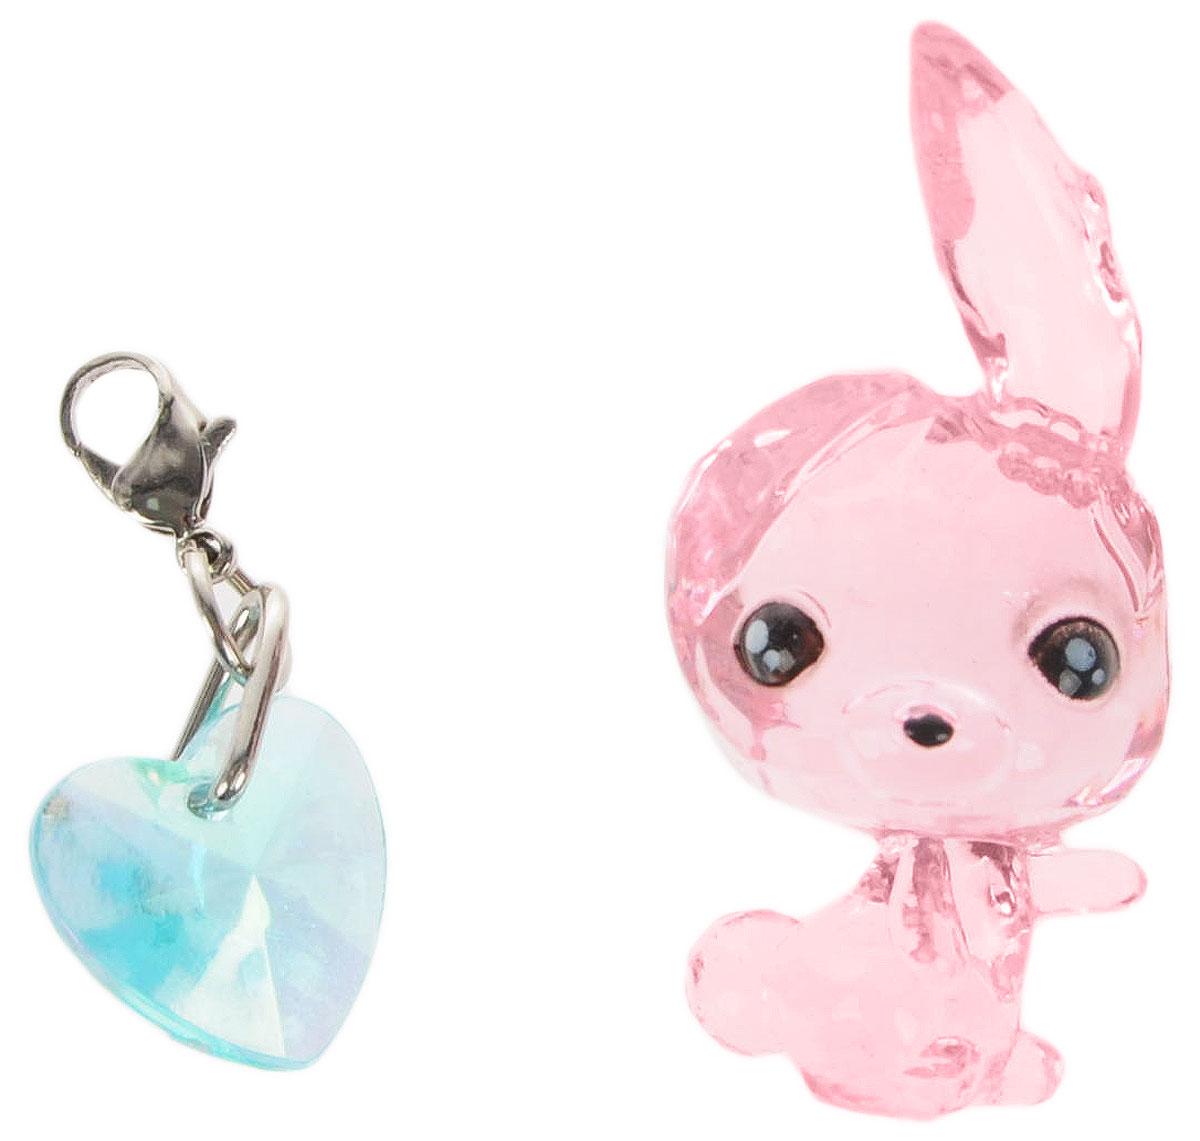 Crystal Surprise Фигурка Кролик Dash цвет розовый45701_розовыйСамые искристые, самые сияющие малютки-зверюшки собрались здесь, чтобы принести вам удачу! Когда на небе встает солнце вдогонку тающей луне, появляются зверьки Crystal Surprise. Возьмите их в руку - и почувствуете, как они приносят удачу. У каждого зверька Crystal Surprise есть свое предназначение, каждый из них станет вашим талисманом. Носите, дарите их. Соберите их всех, чтобы умножить их магические способности! Предназначение фигурки Crystal Surprise Кролик Dash - творчество. В своих фантазиях вы летаете без крыльев. Благодаря воображению вы видите невидимое. И нет предела вашим приключениям! В набор также входит подвеска на удачу!